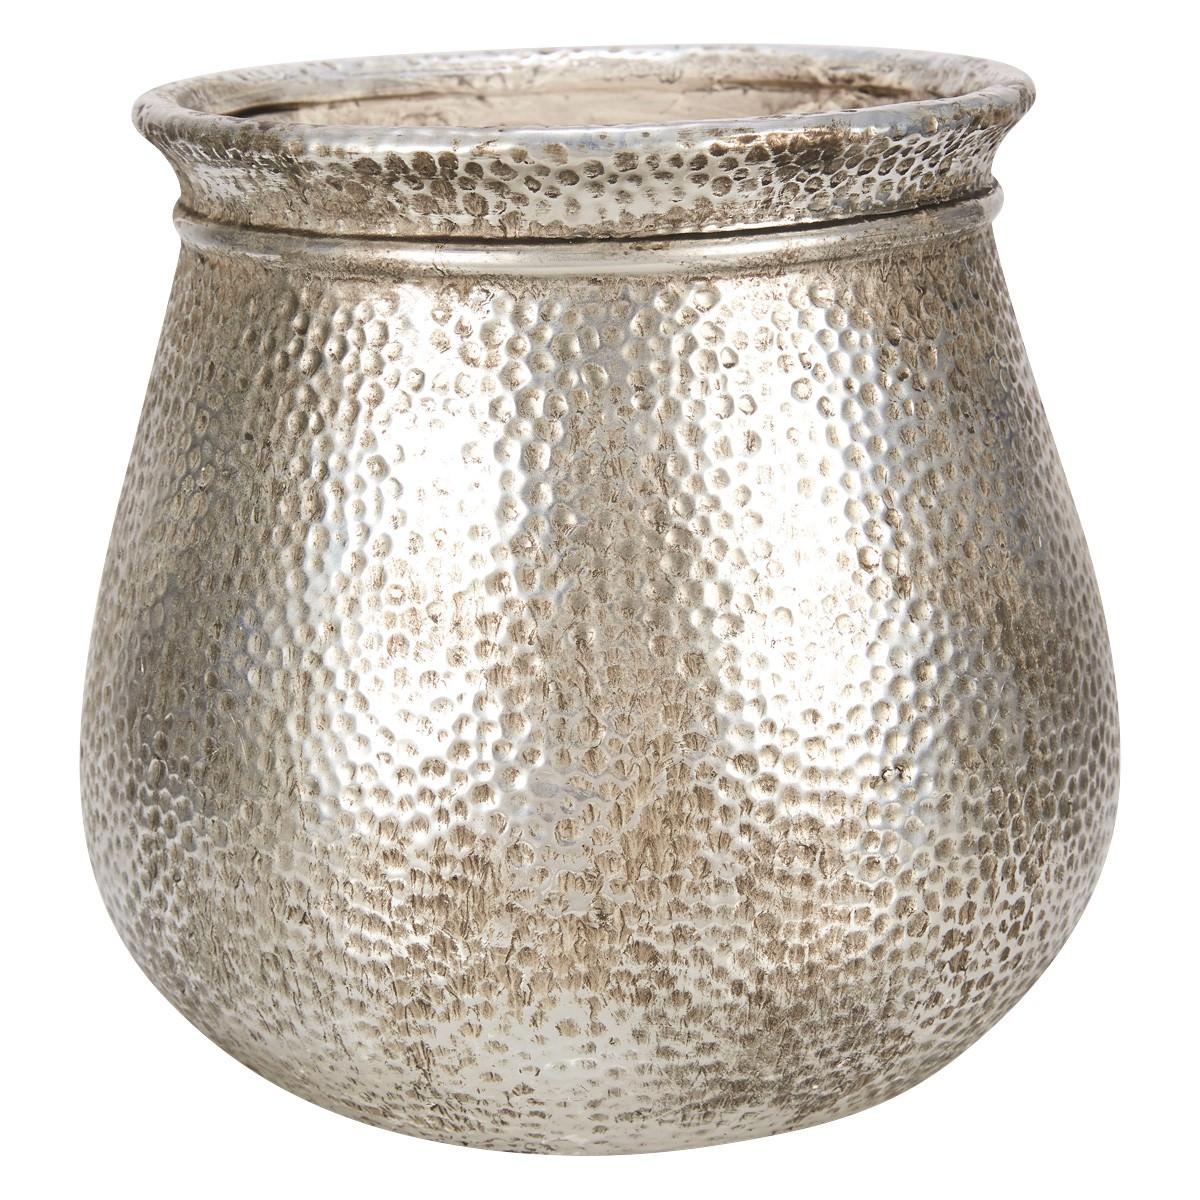 Merine Ceramic Planter, Large, Antique Silver